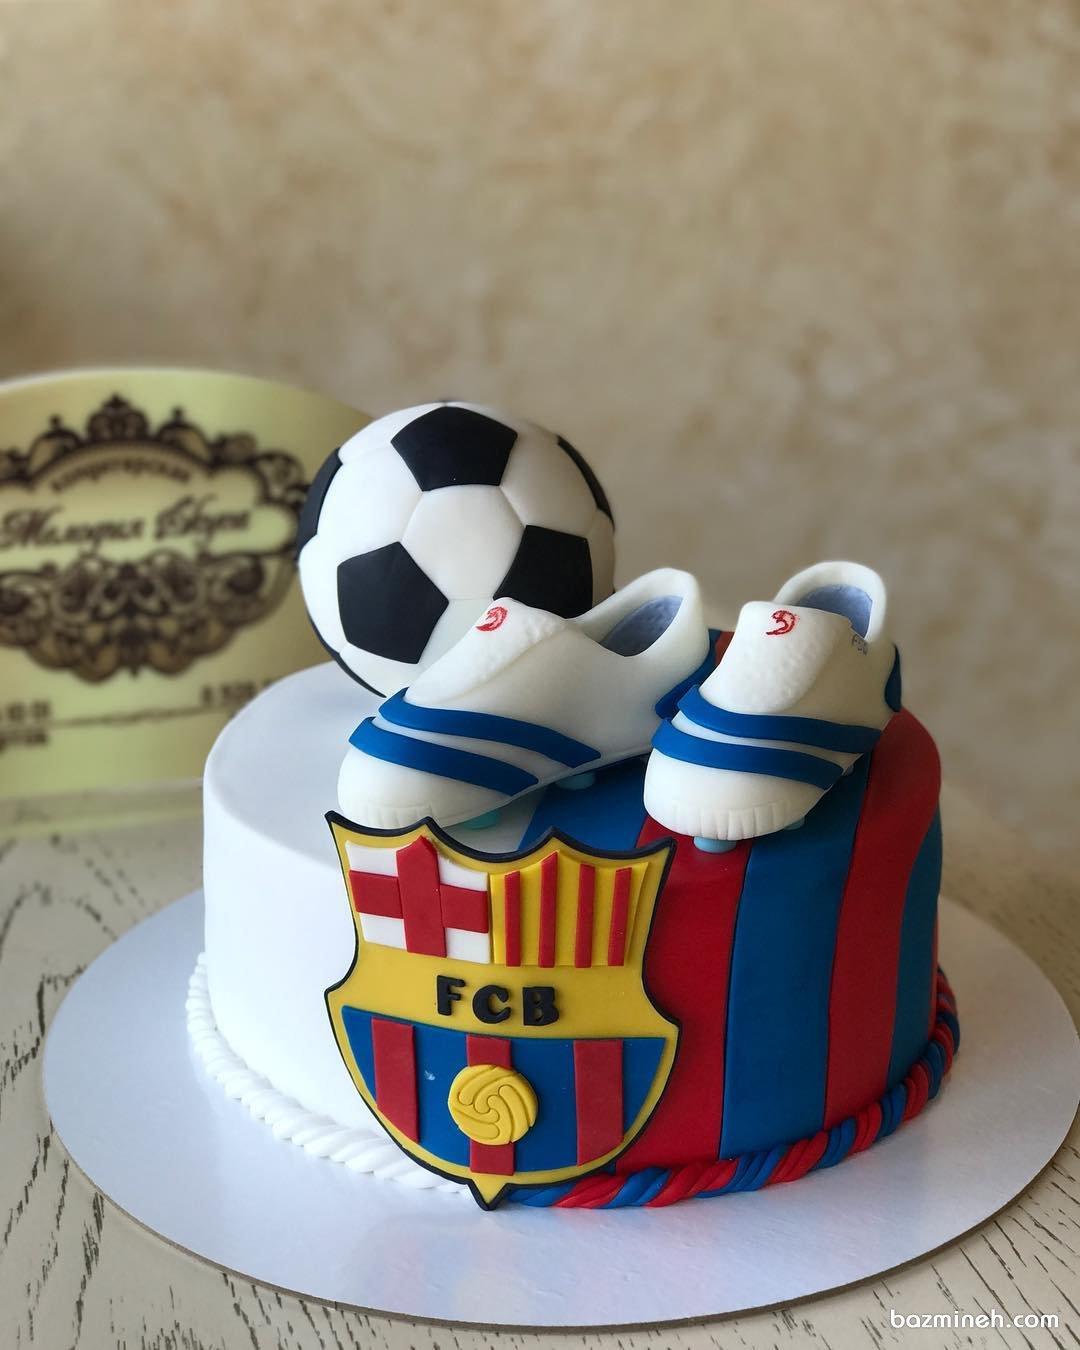 عکس کیک تولد پسرانه فوتبالی بزمینه   کیک و شیرینی